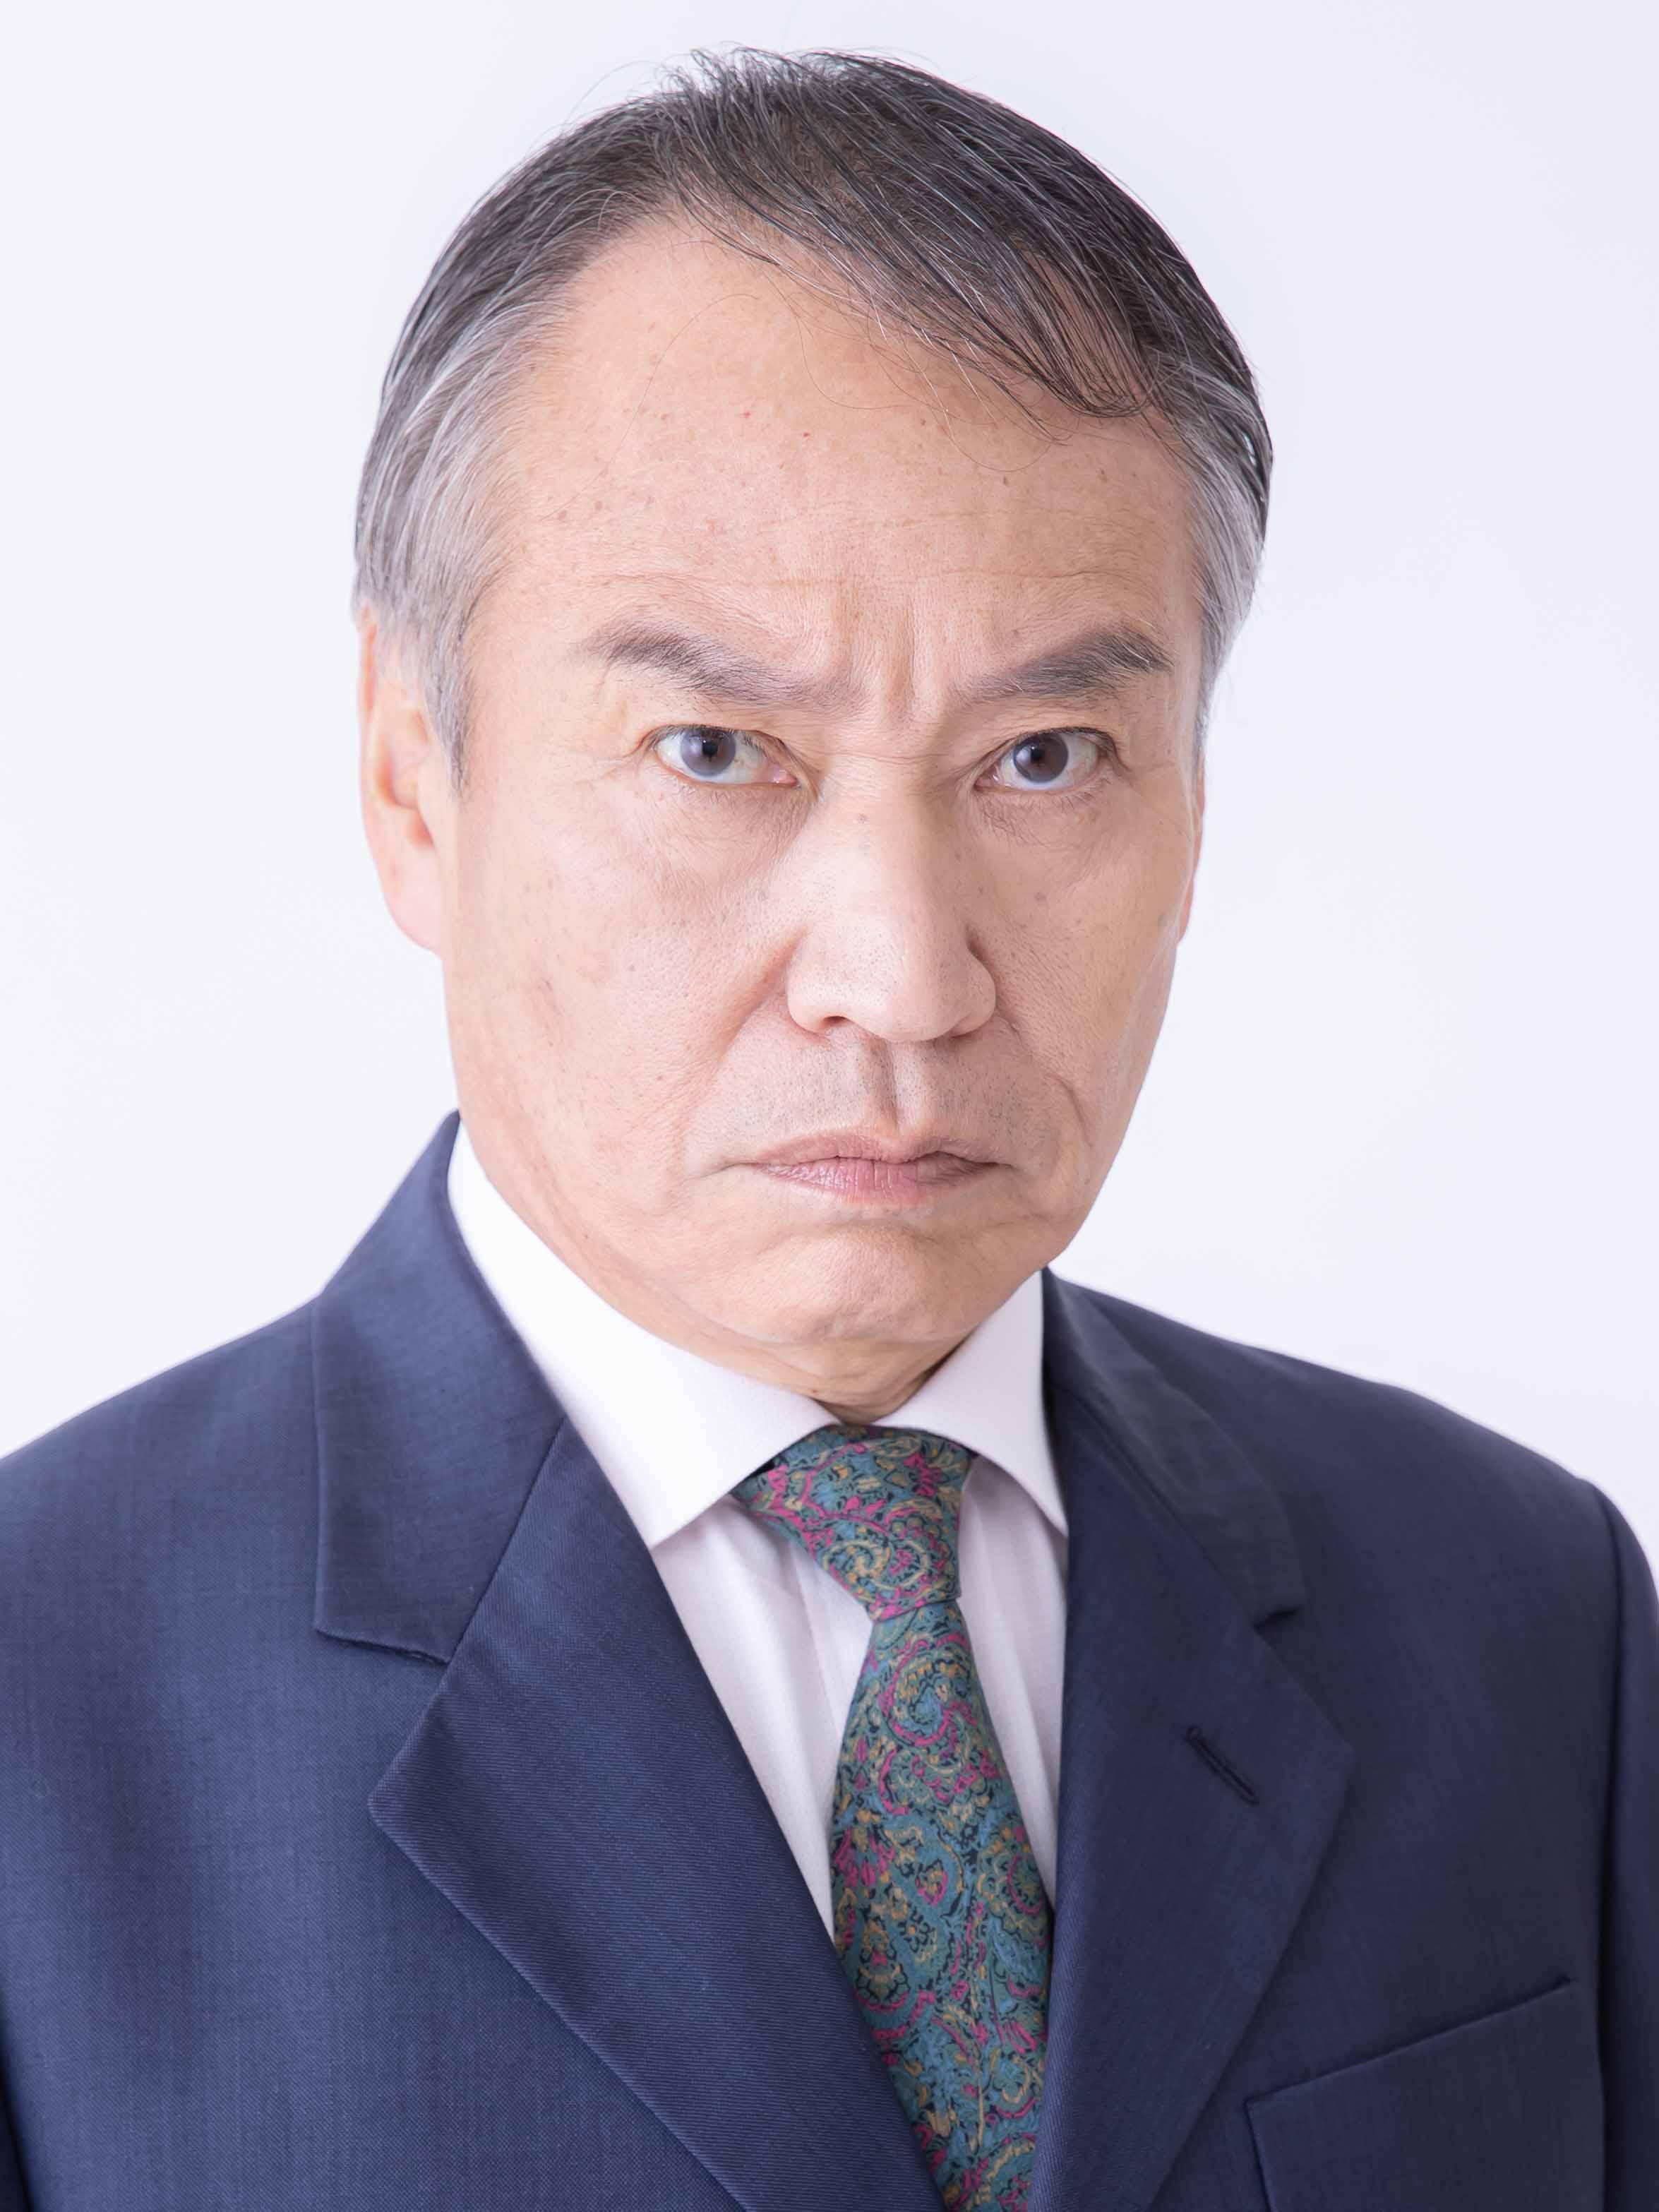 丹羽 文雄 | PROFILE | MAIMU 舞夢プロ|東京・大阪の芸能プロダクション